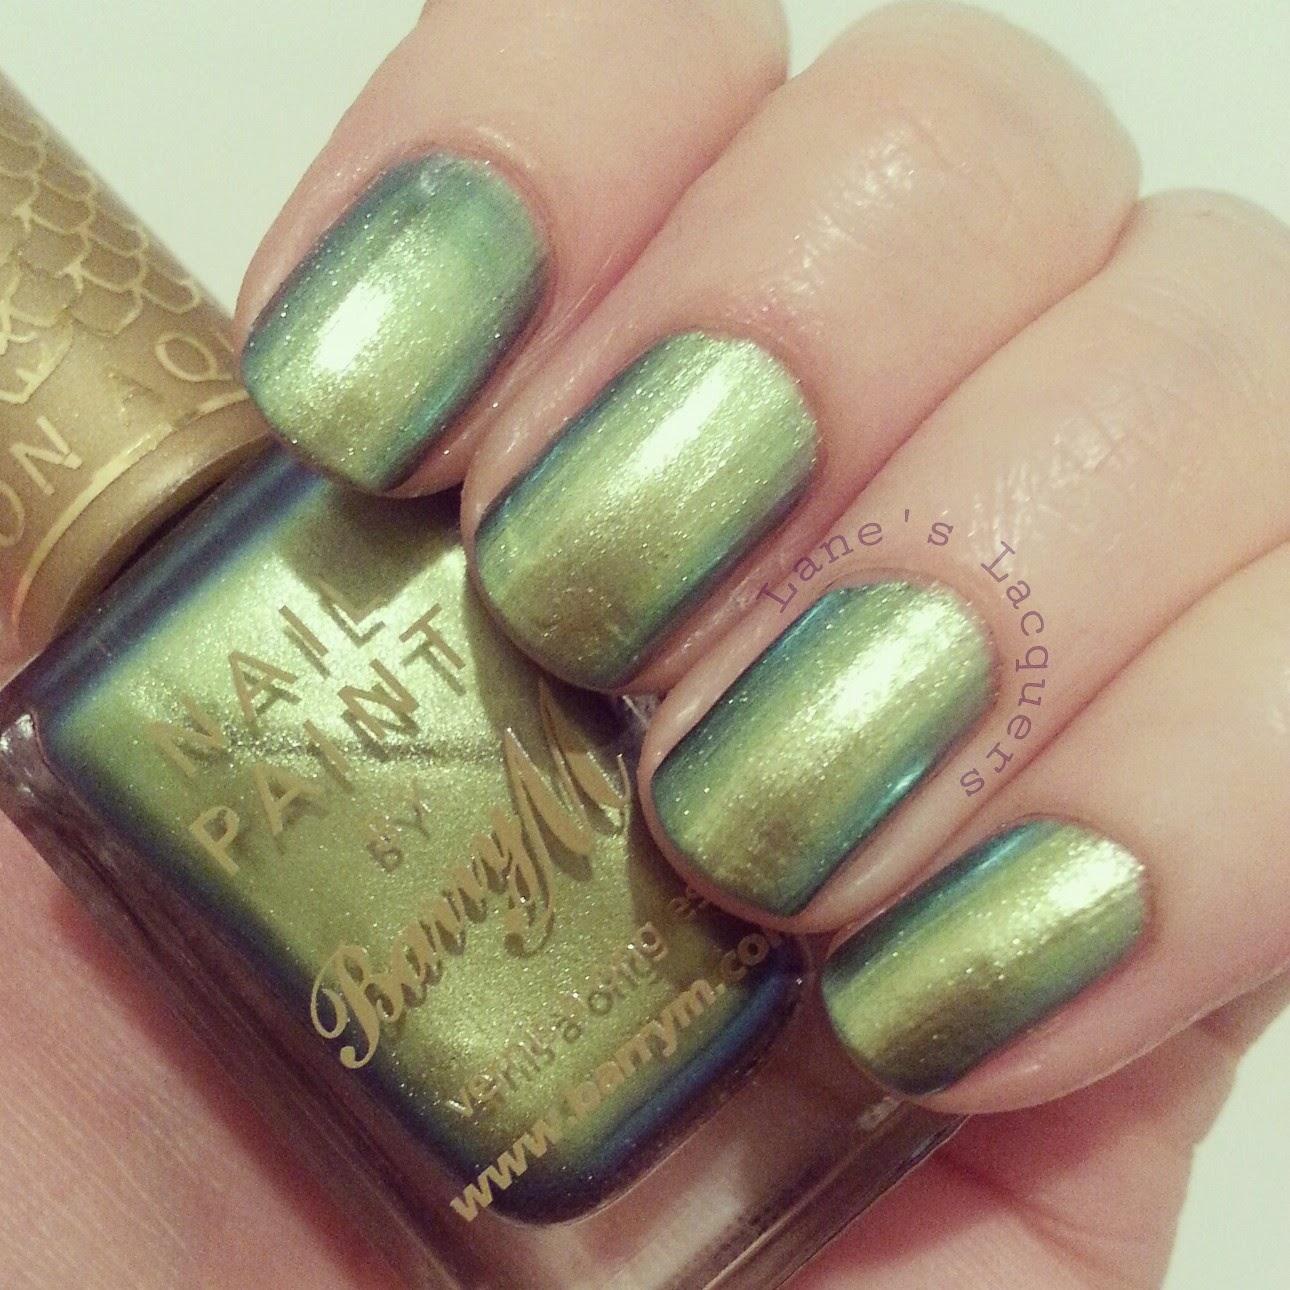 barry-m-aquarium-green-aqnp5-swatch-nails